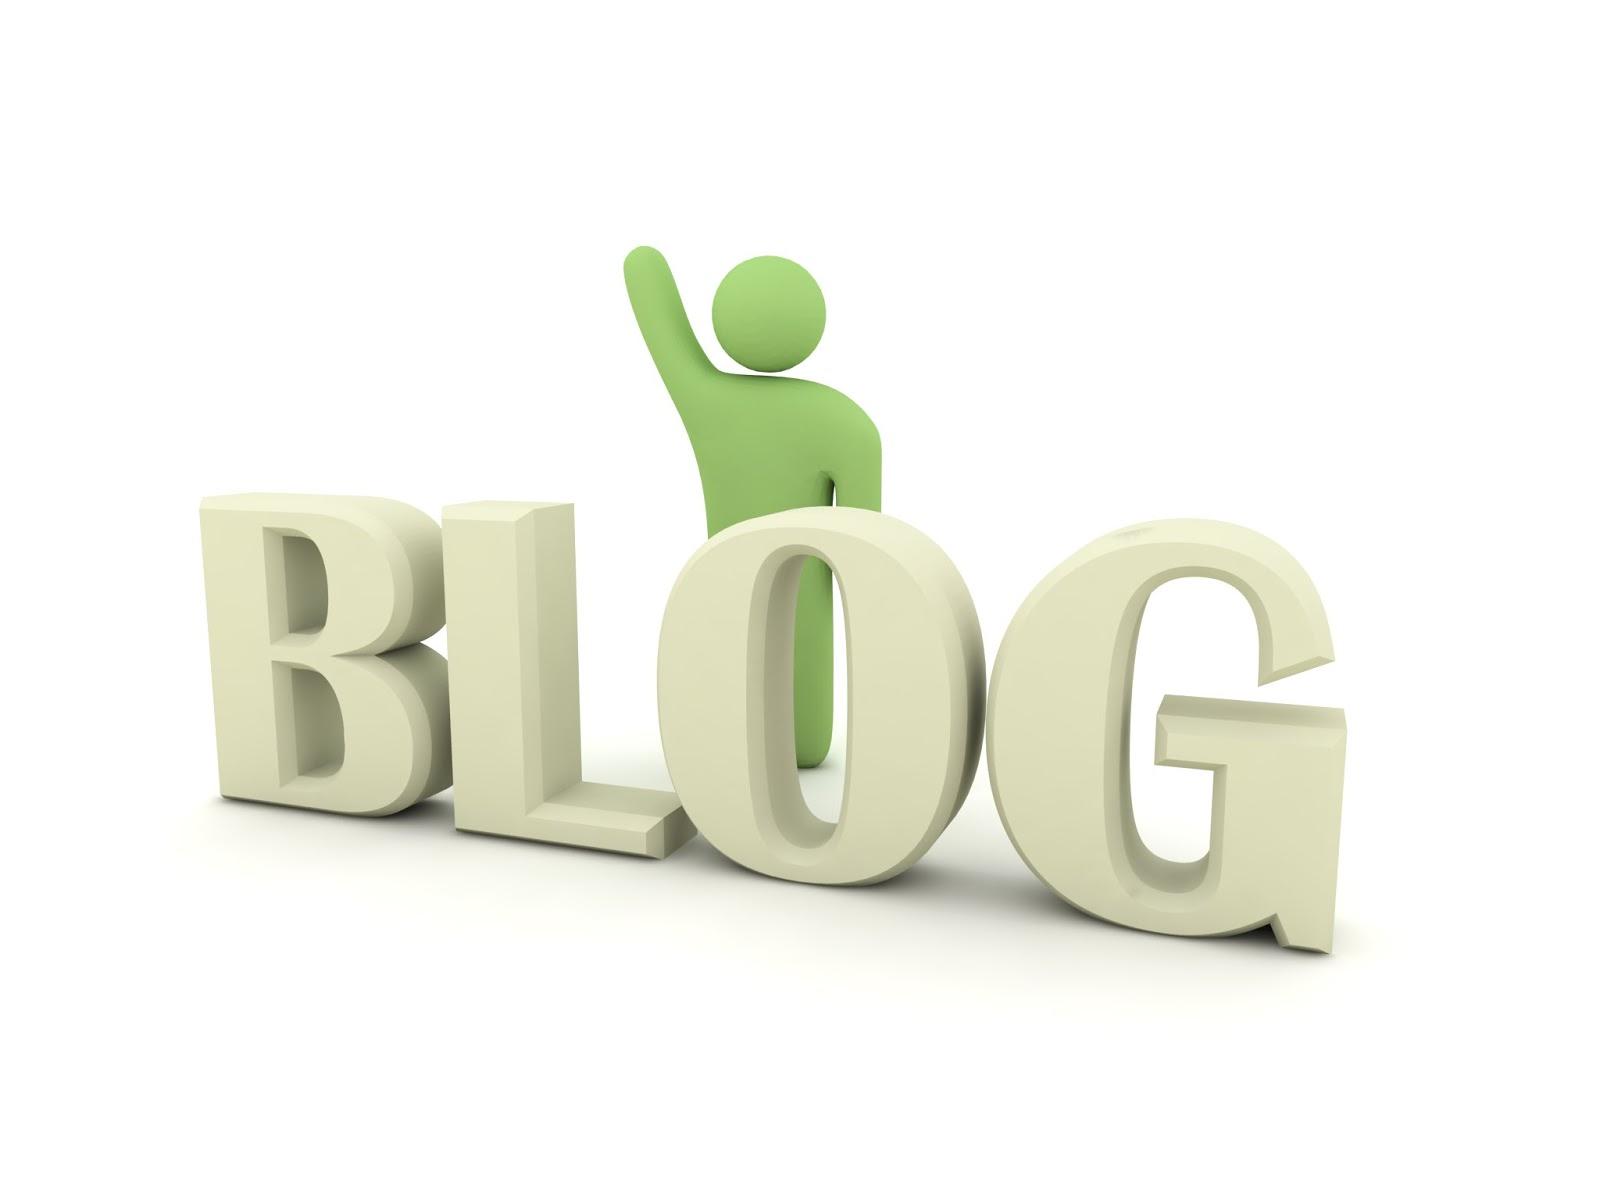 Belajar Ngeblog untuk Pemula